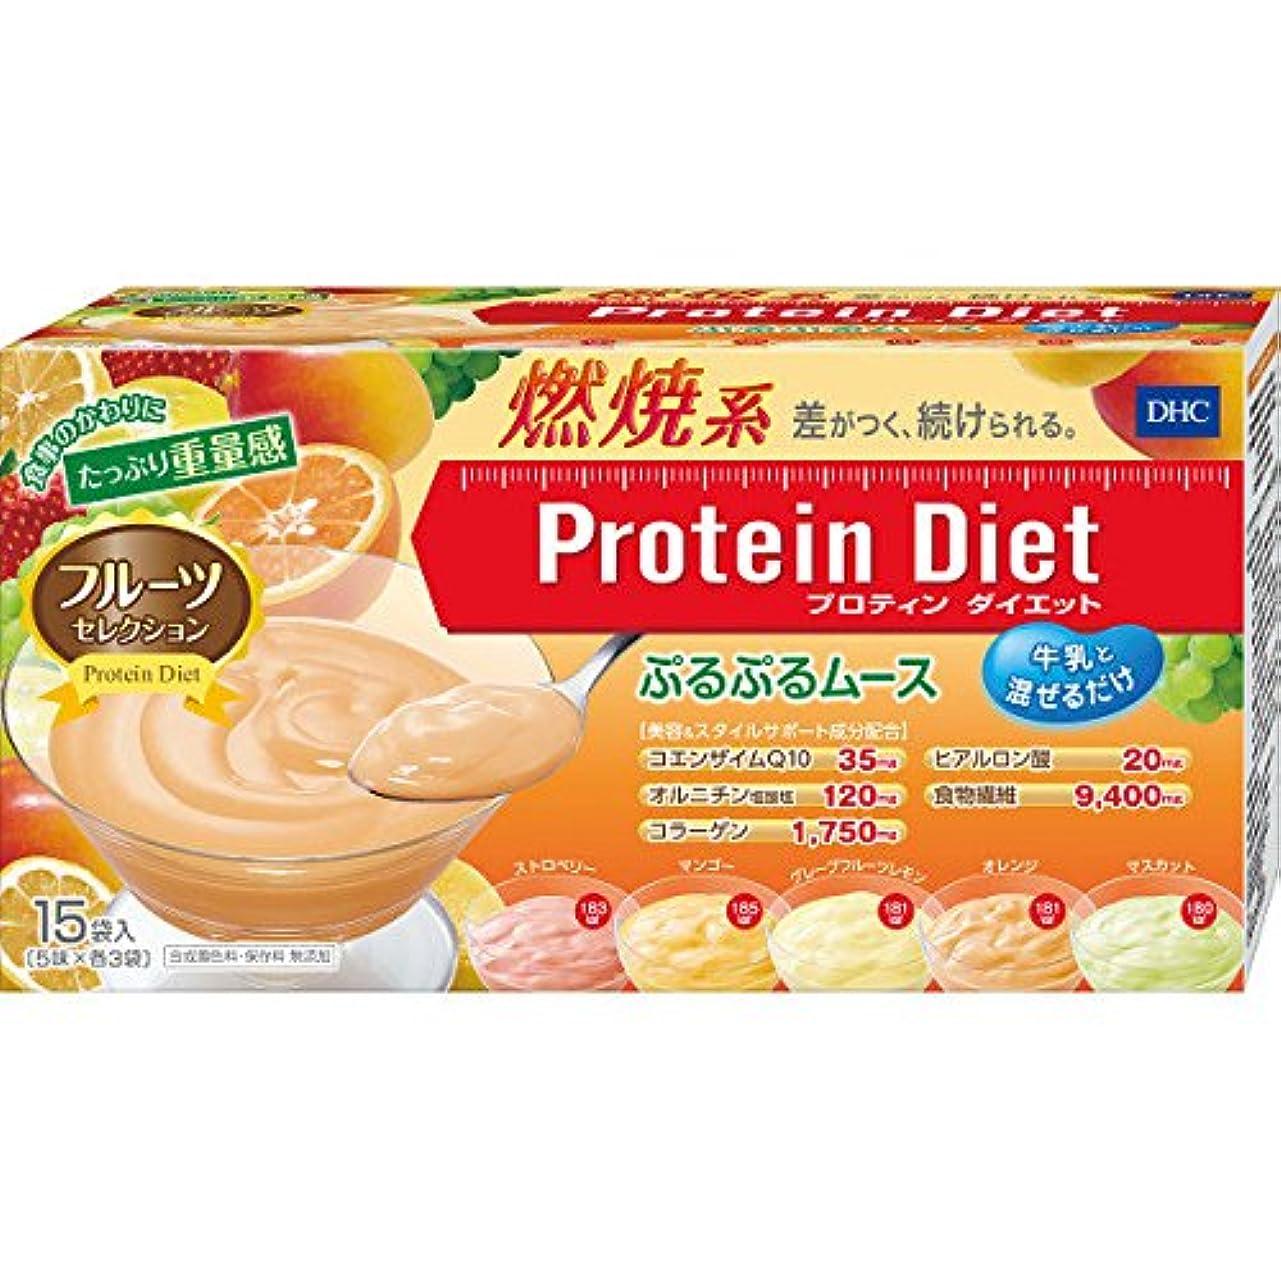 スリップ周波数カニプロティンダイエット ぷるぷるムース フルーツセレクション(15袋)